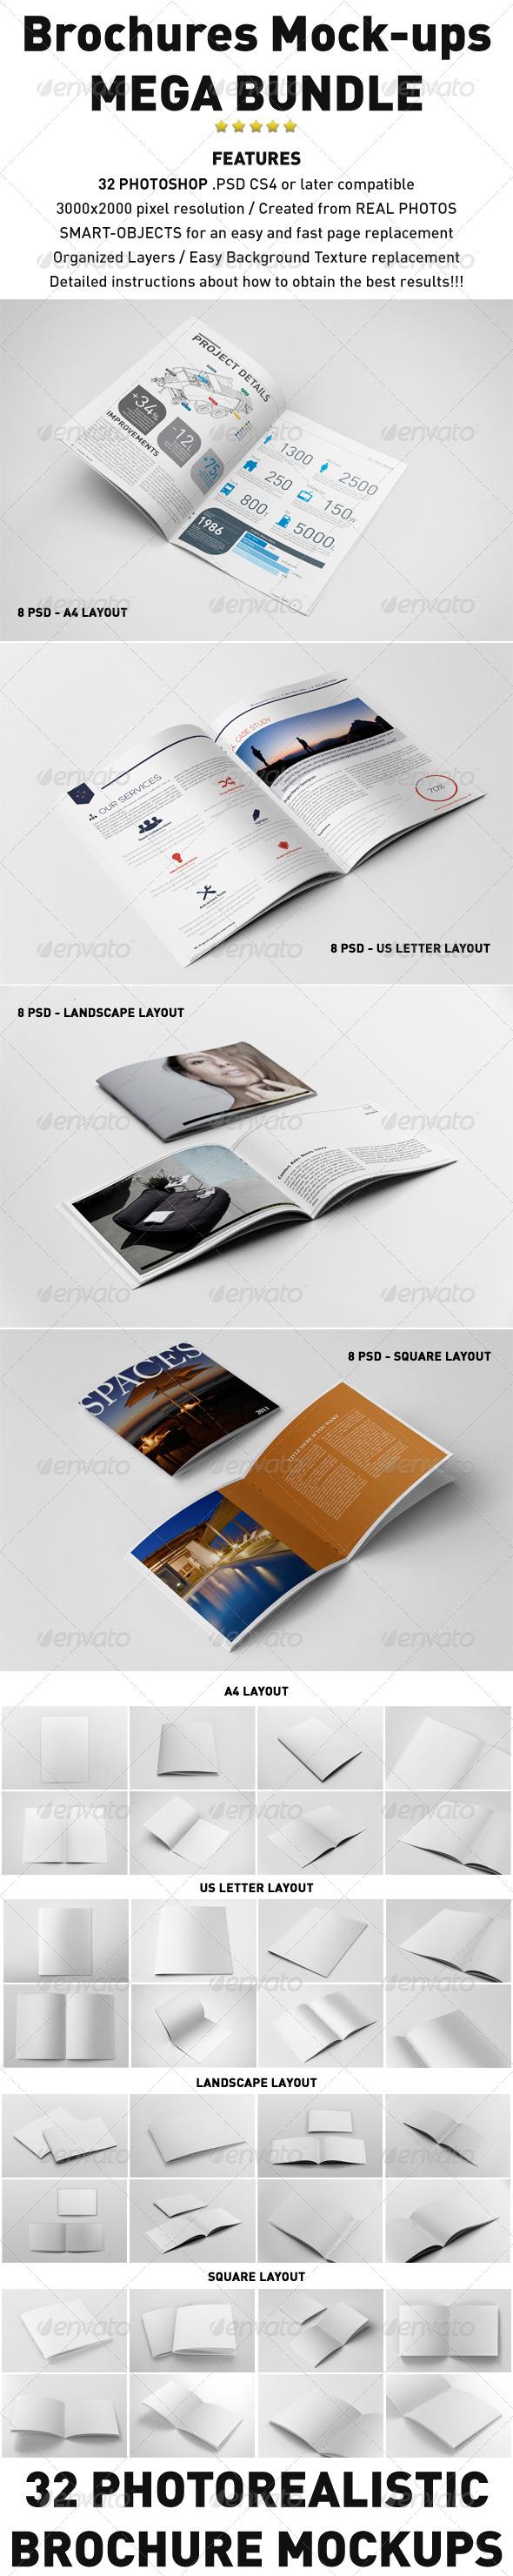 Photorealistic Brochures Mockups Bundle - Print Product Mock-Ups